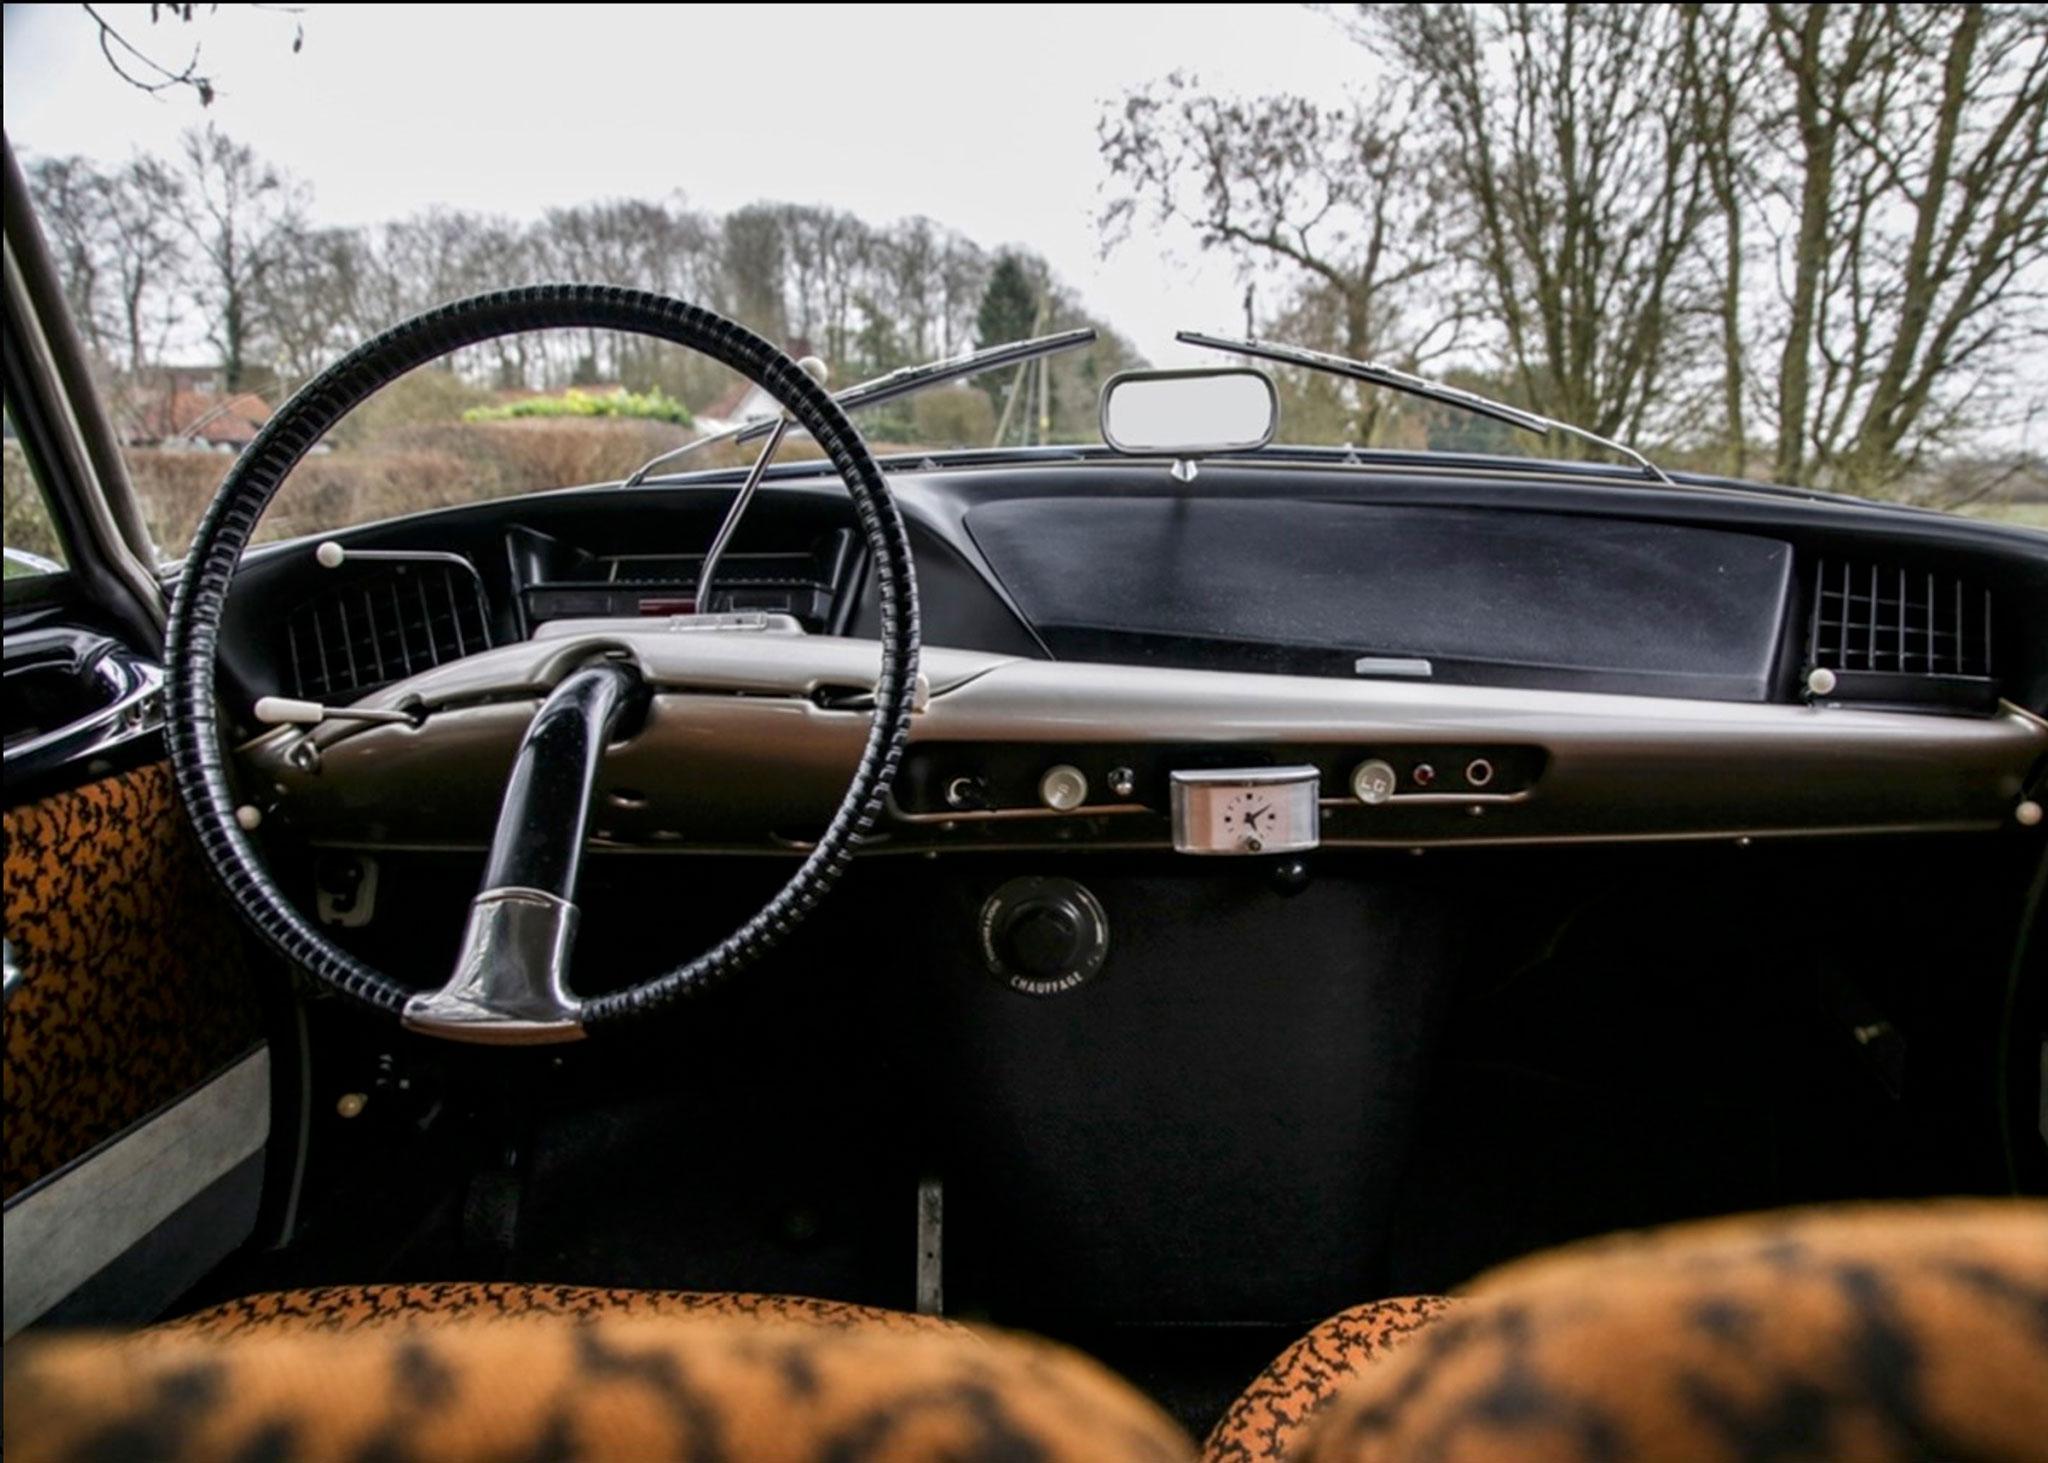 1958 Citroën DS 19 planche de bord futuriste en rapport avec la ligne extérieure - Coups de Coeur Historics Auctioneers.